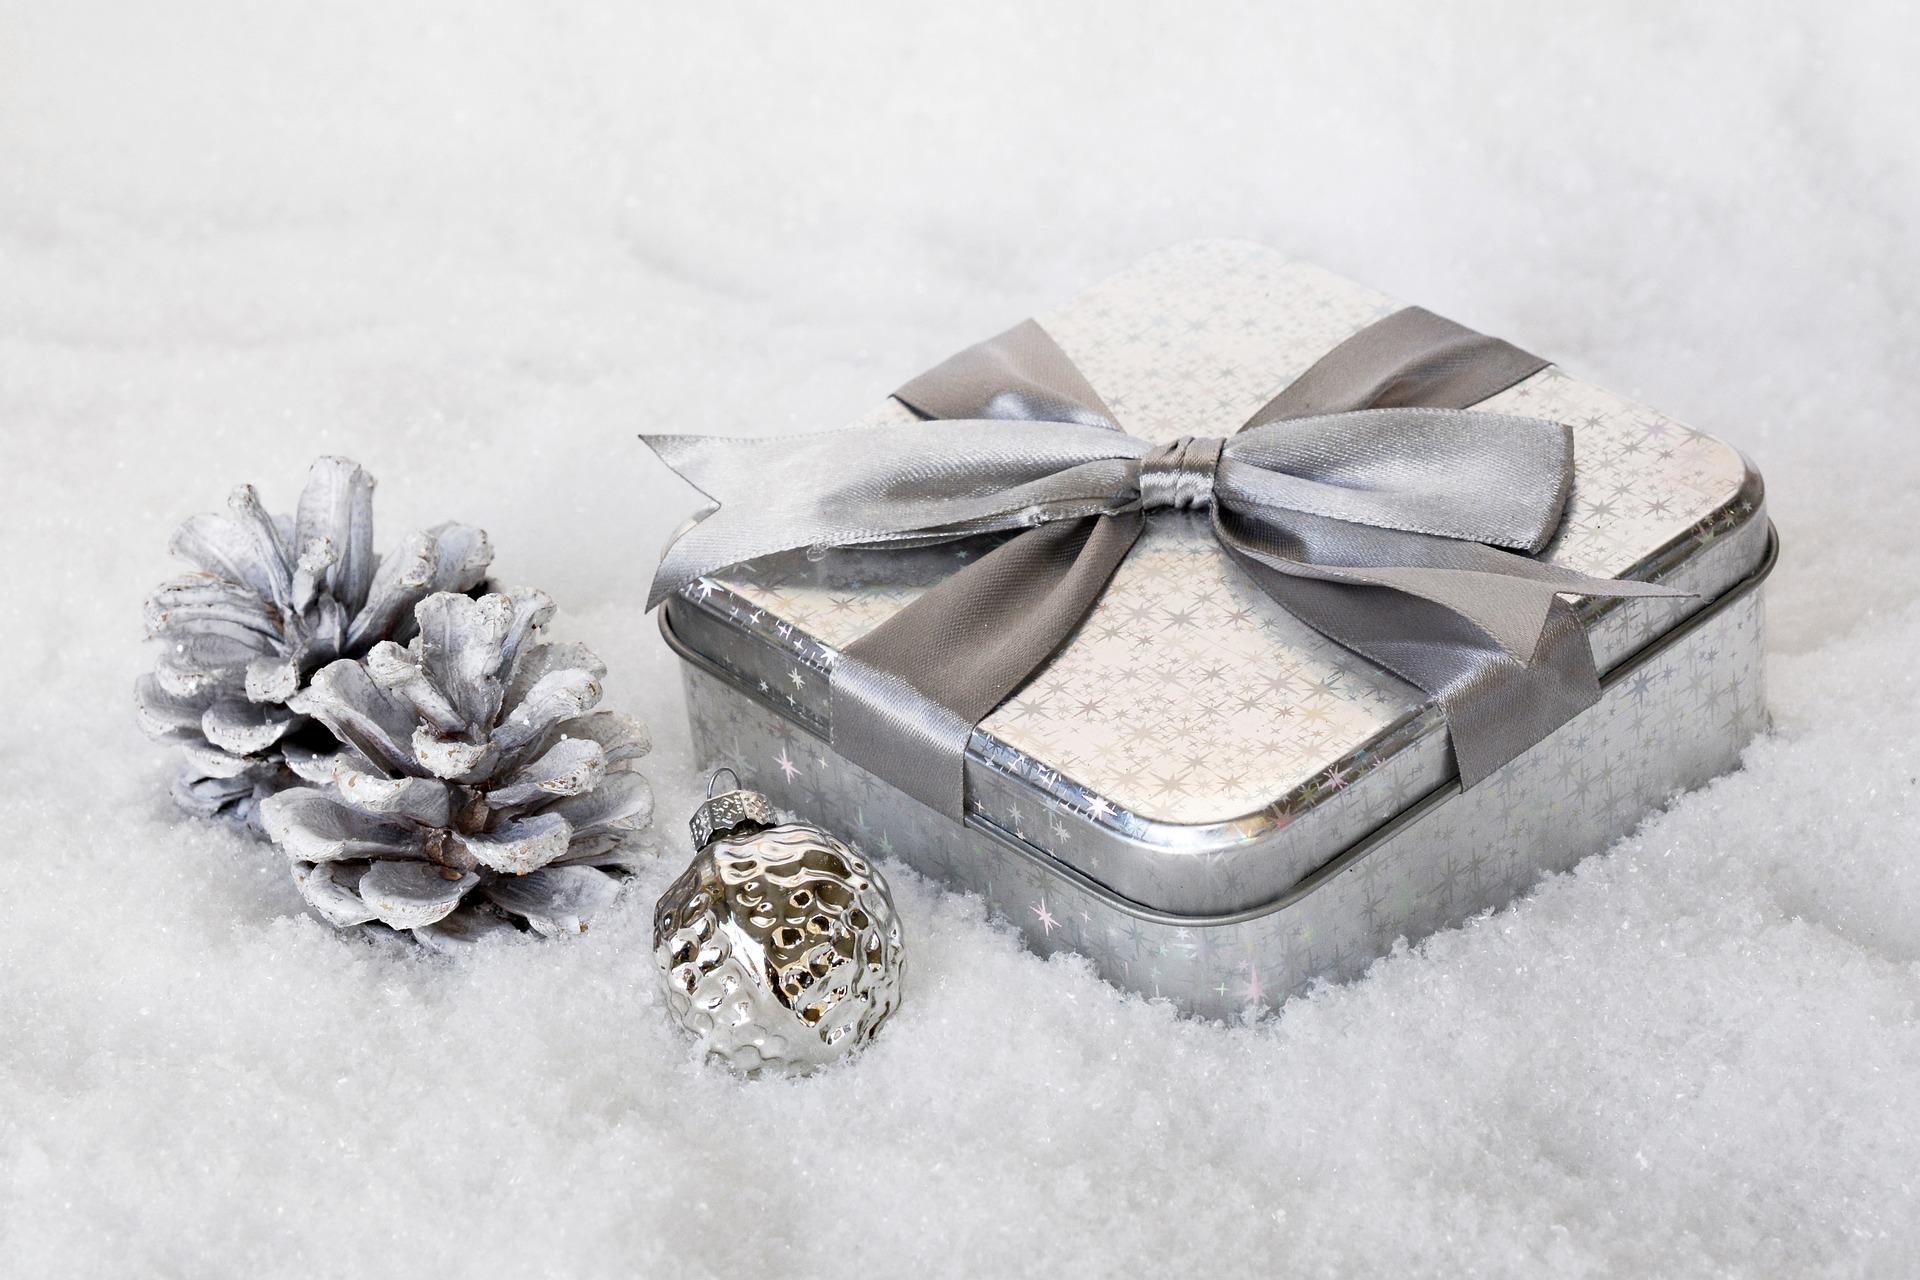 meilleurs cadeaux insolites